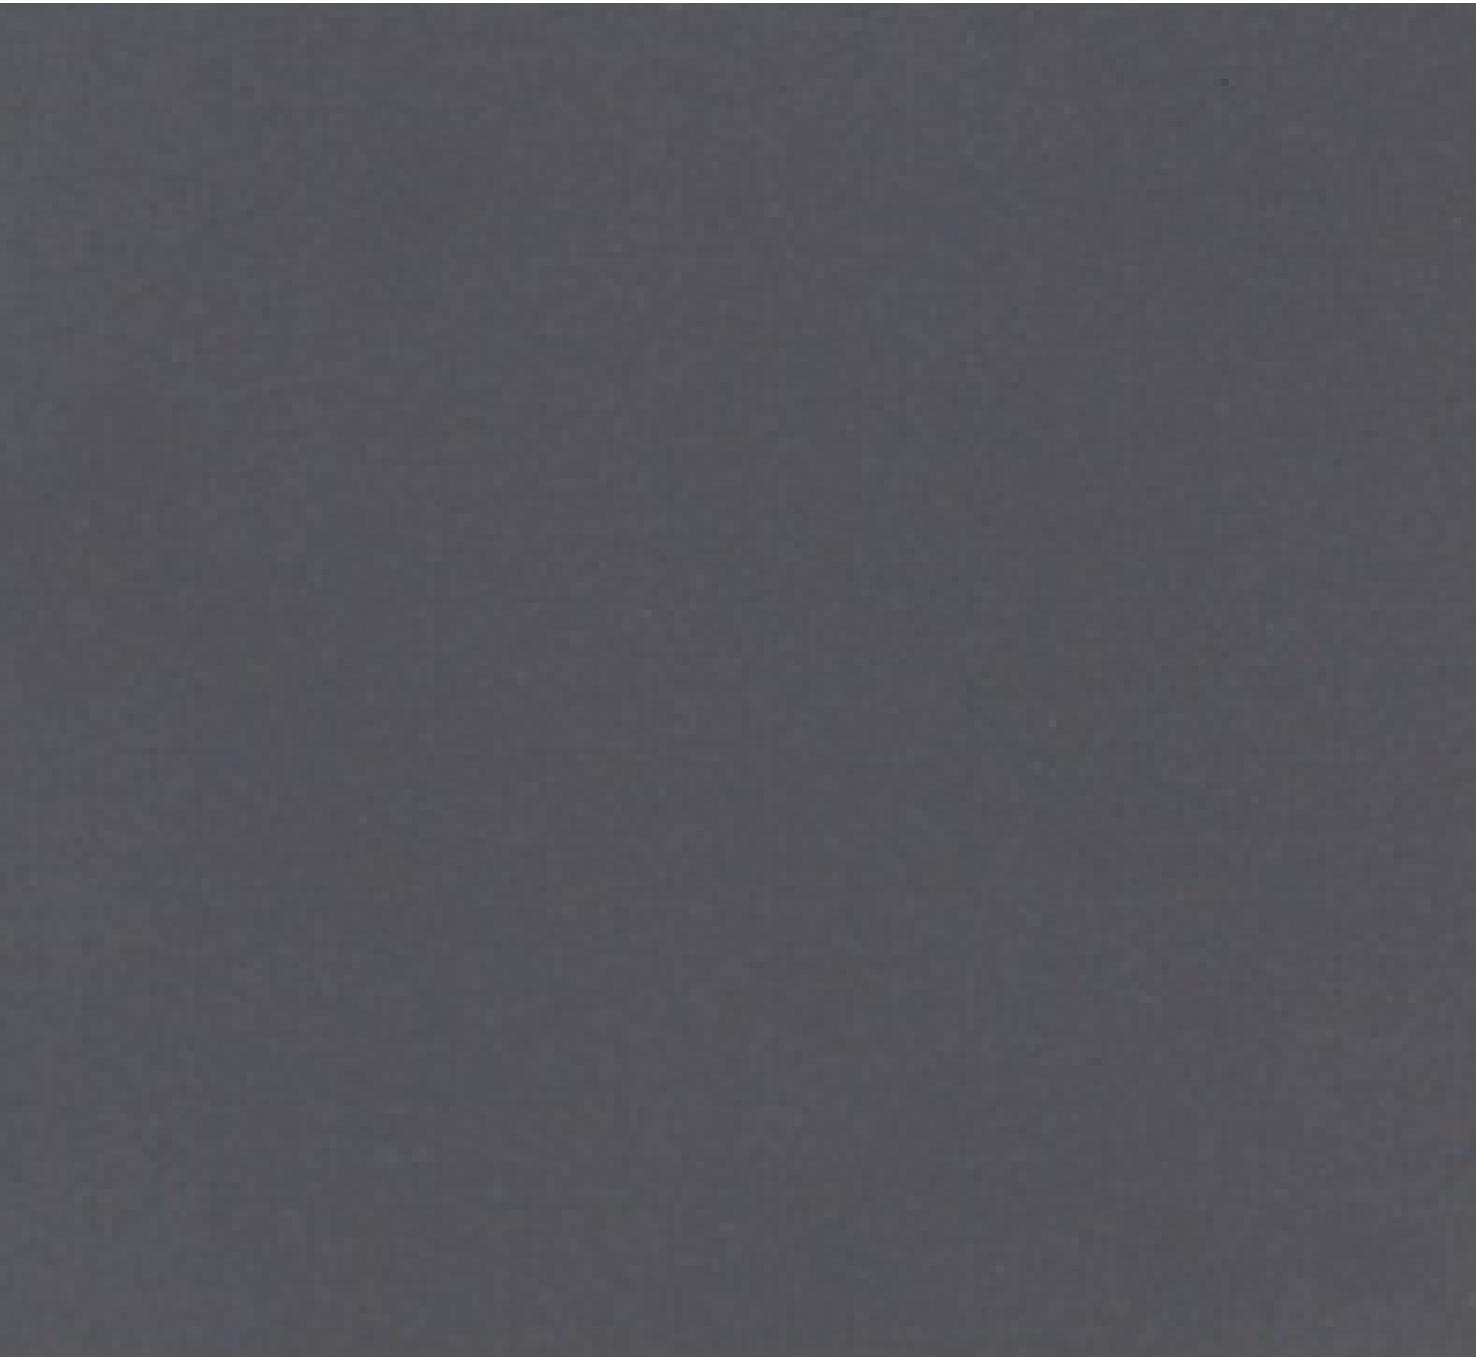 Simplicity Dark Grey 951